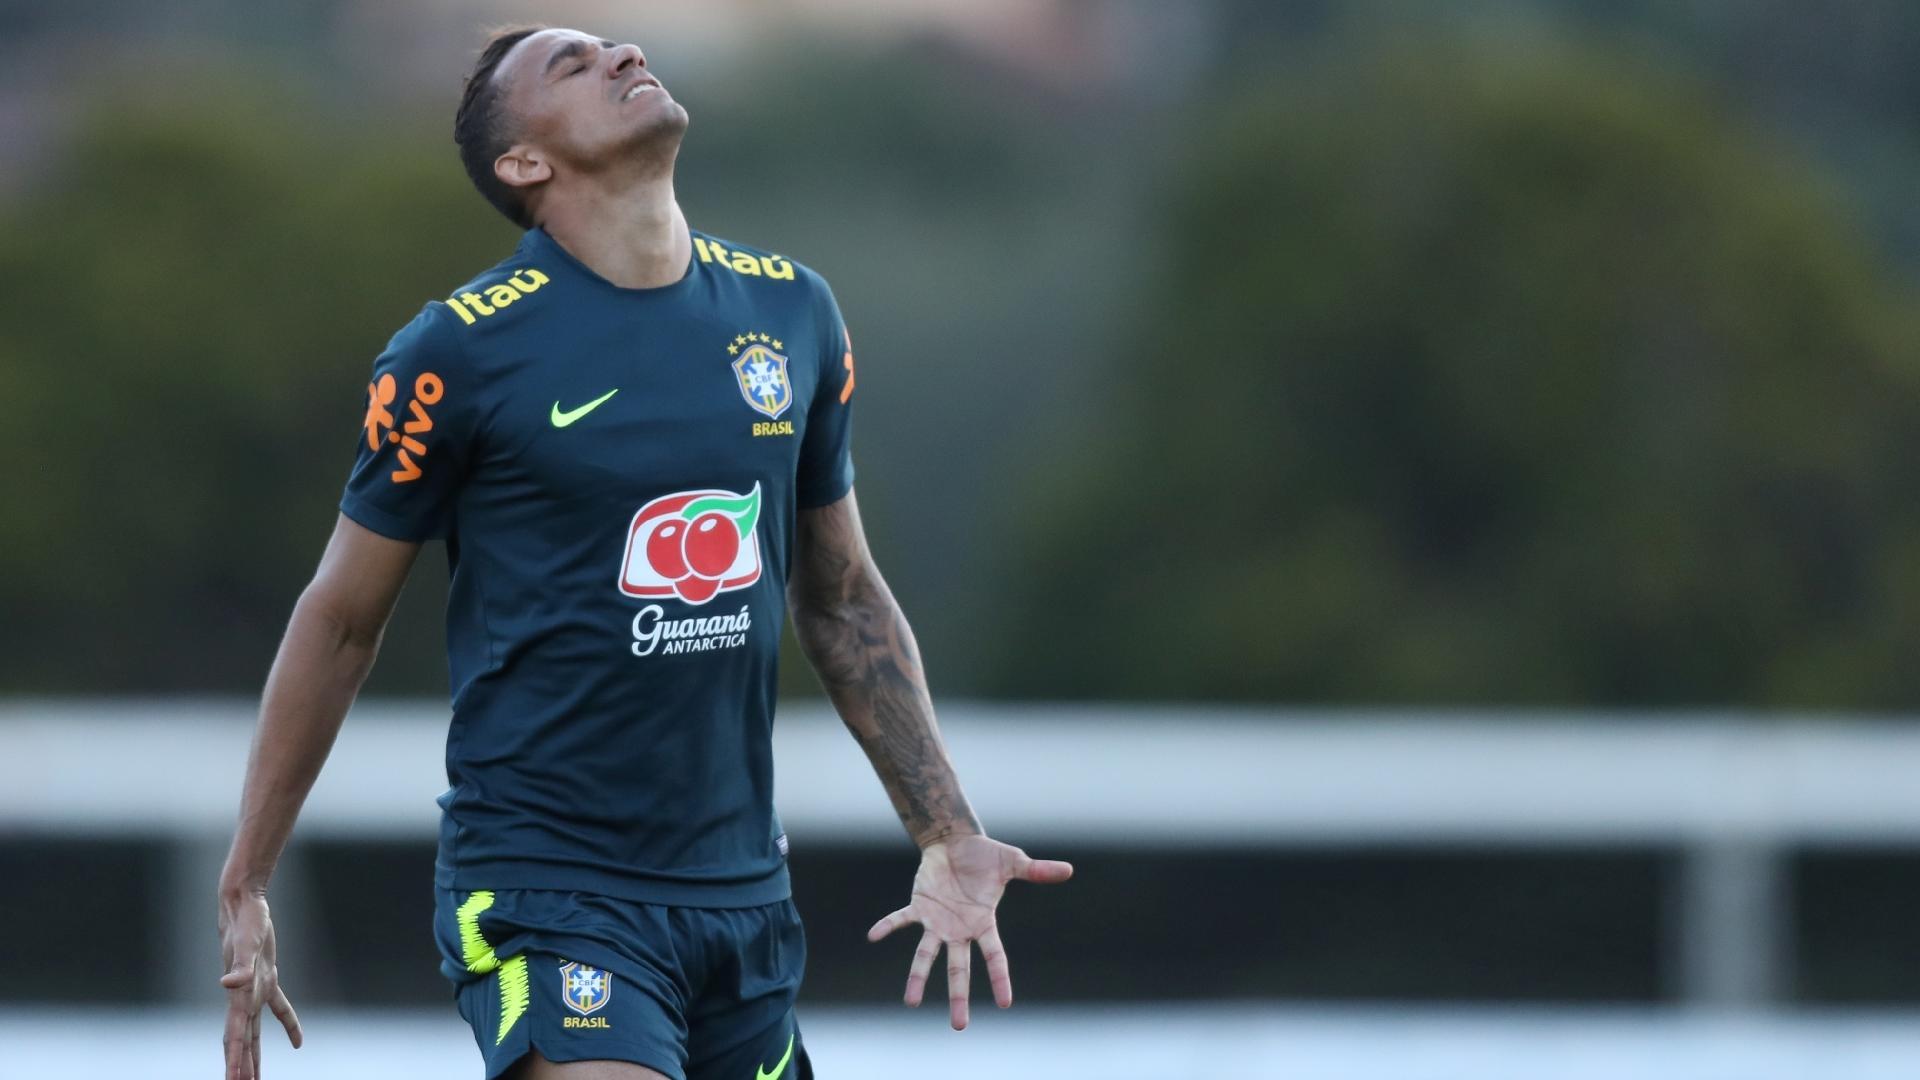 Danilo se lamenta durante treino com bola da seleção brasileira